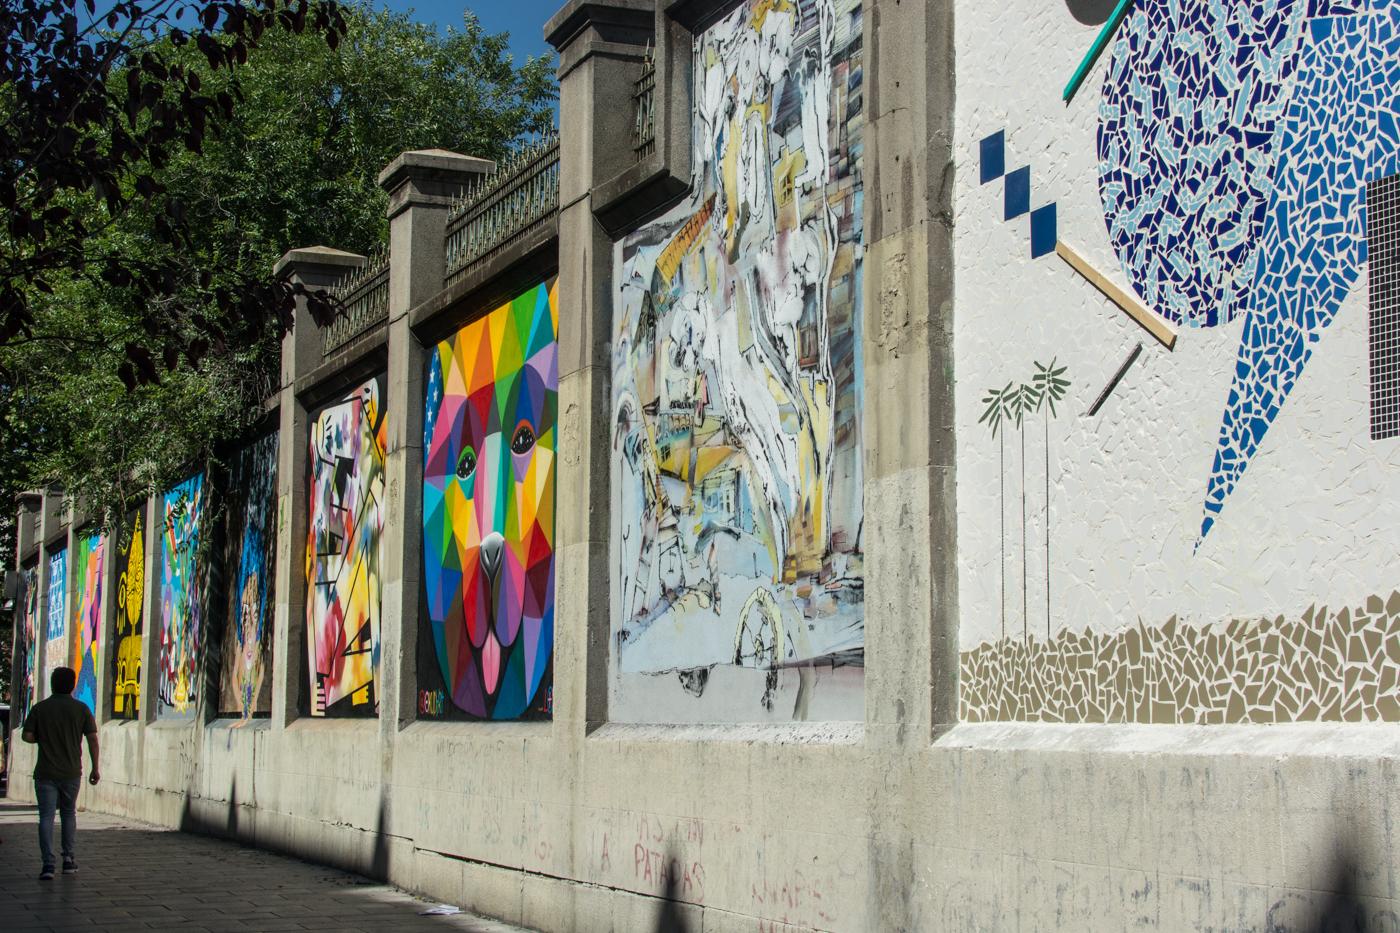 Conjunto - MurosTabacalera by Guillermo de la Madrid - Madrid Street Art Project final-007.jpg